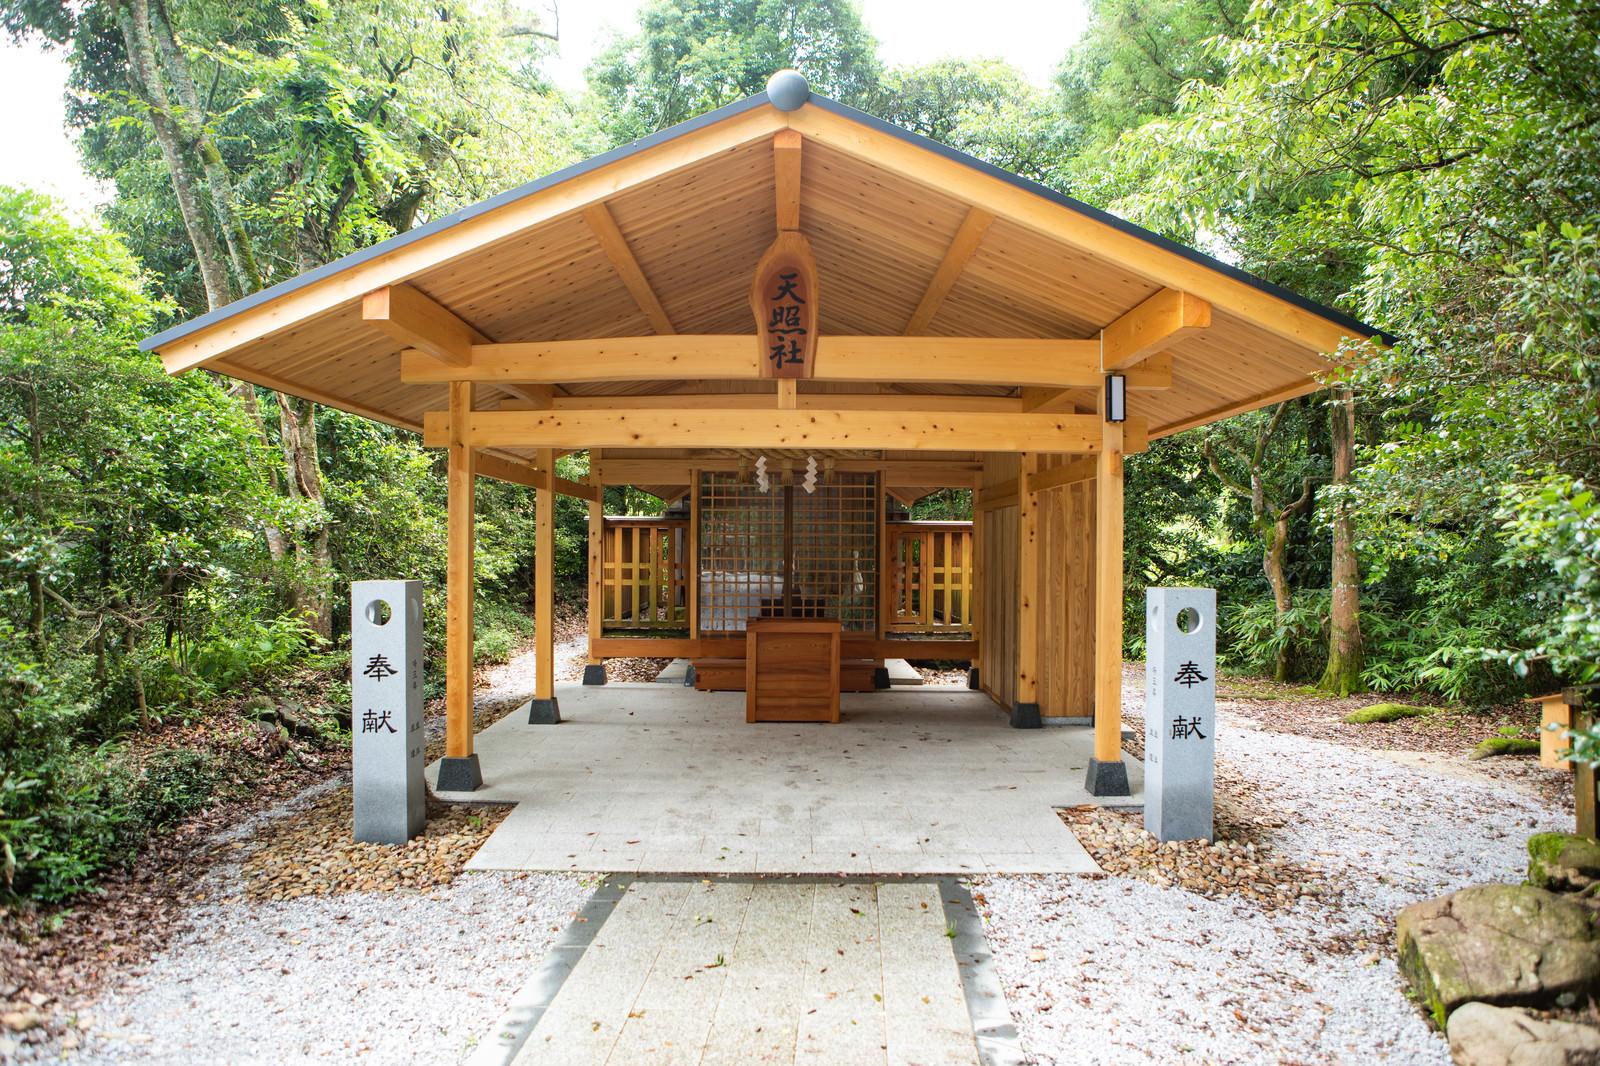 「須佐神社境内にある天照社(島根県出雲市)」の写真